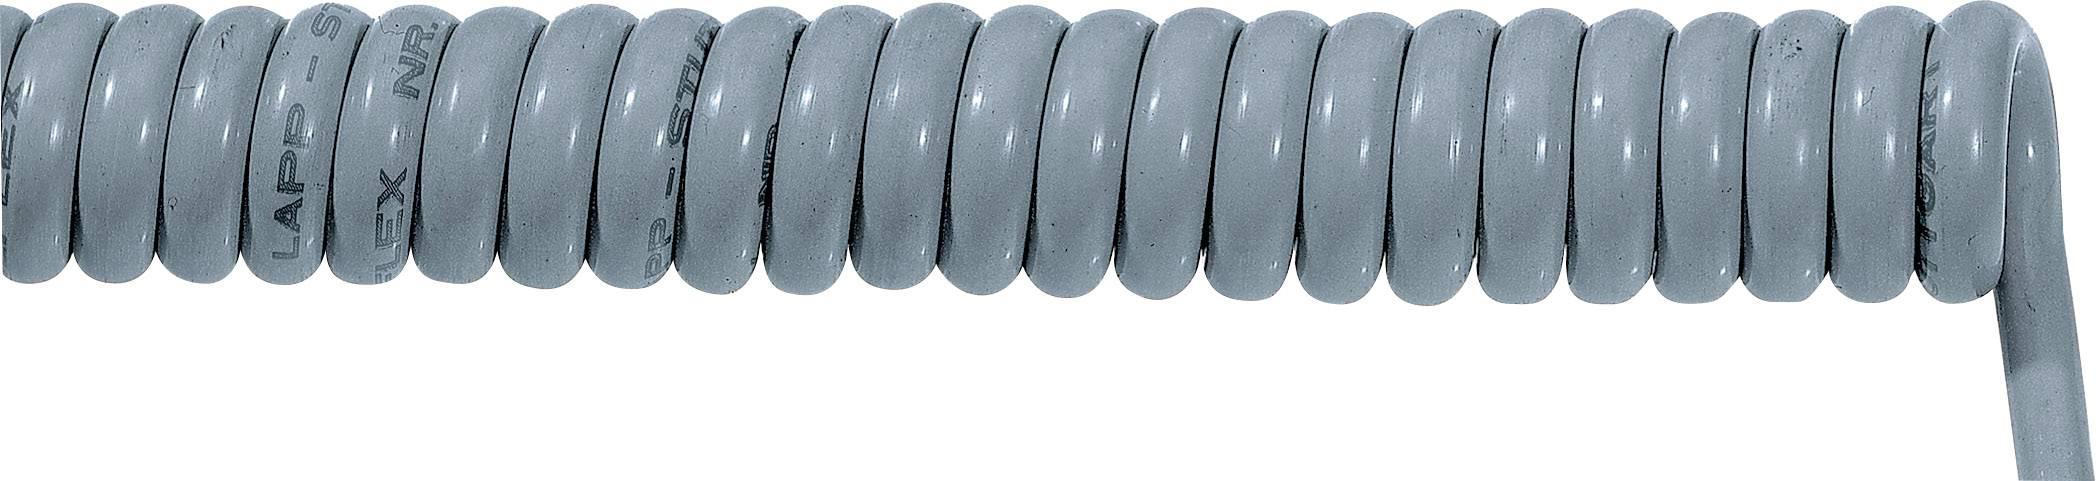 Špirálový kábel 70002732 ÖLFLEX® SPIRAL 400 P 12 x 0.75 mm², 1000 mm / 3000 mm, sivá